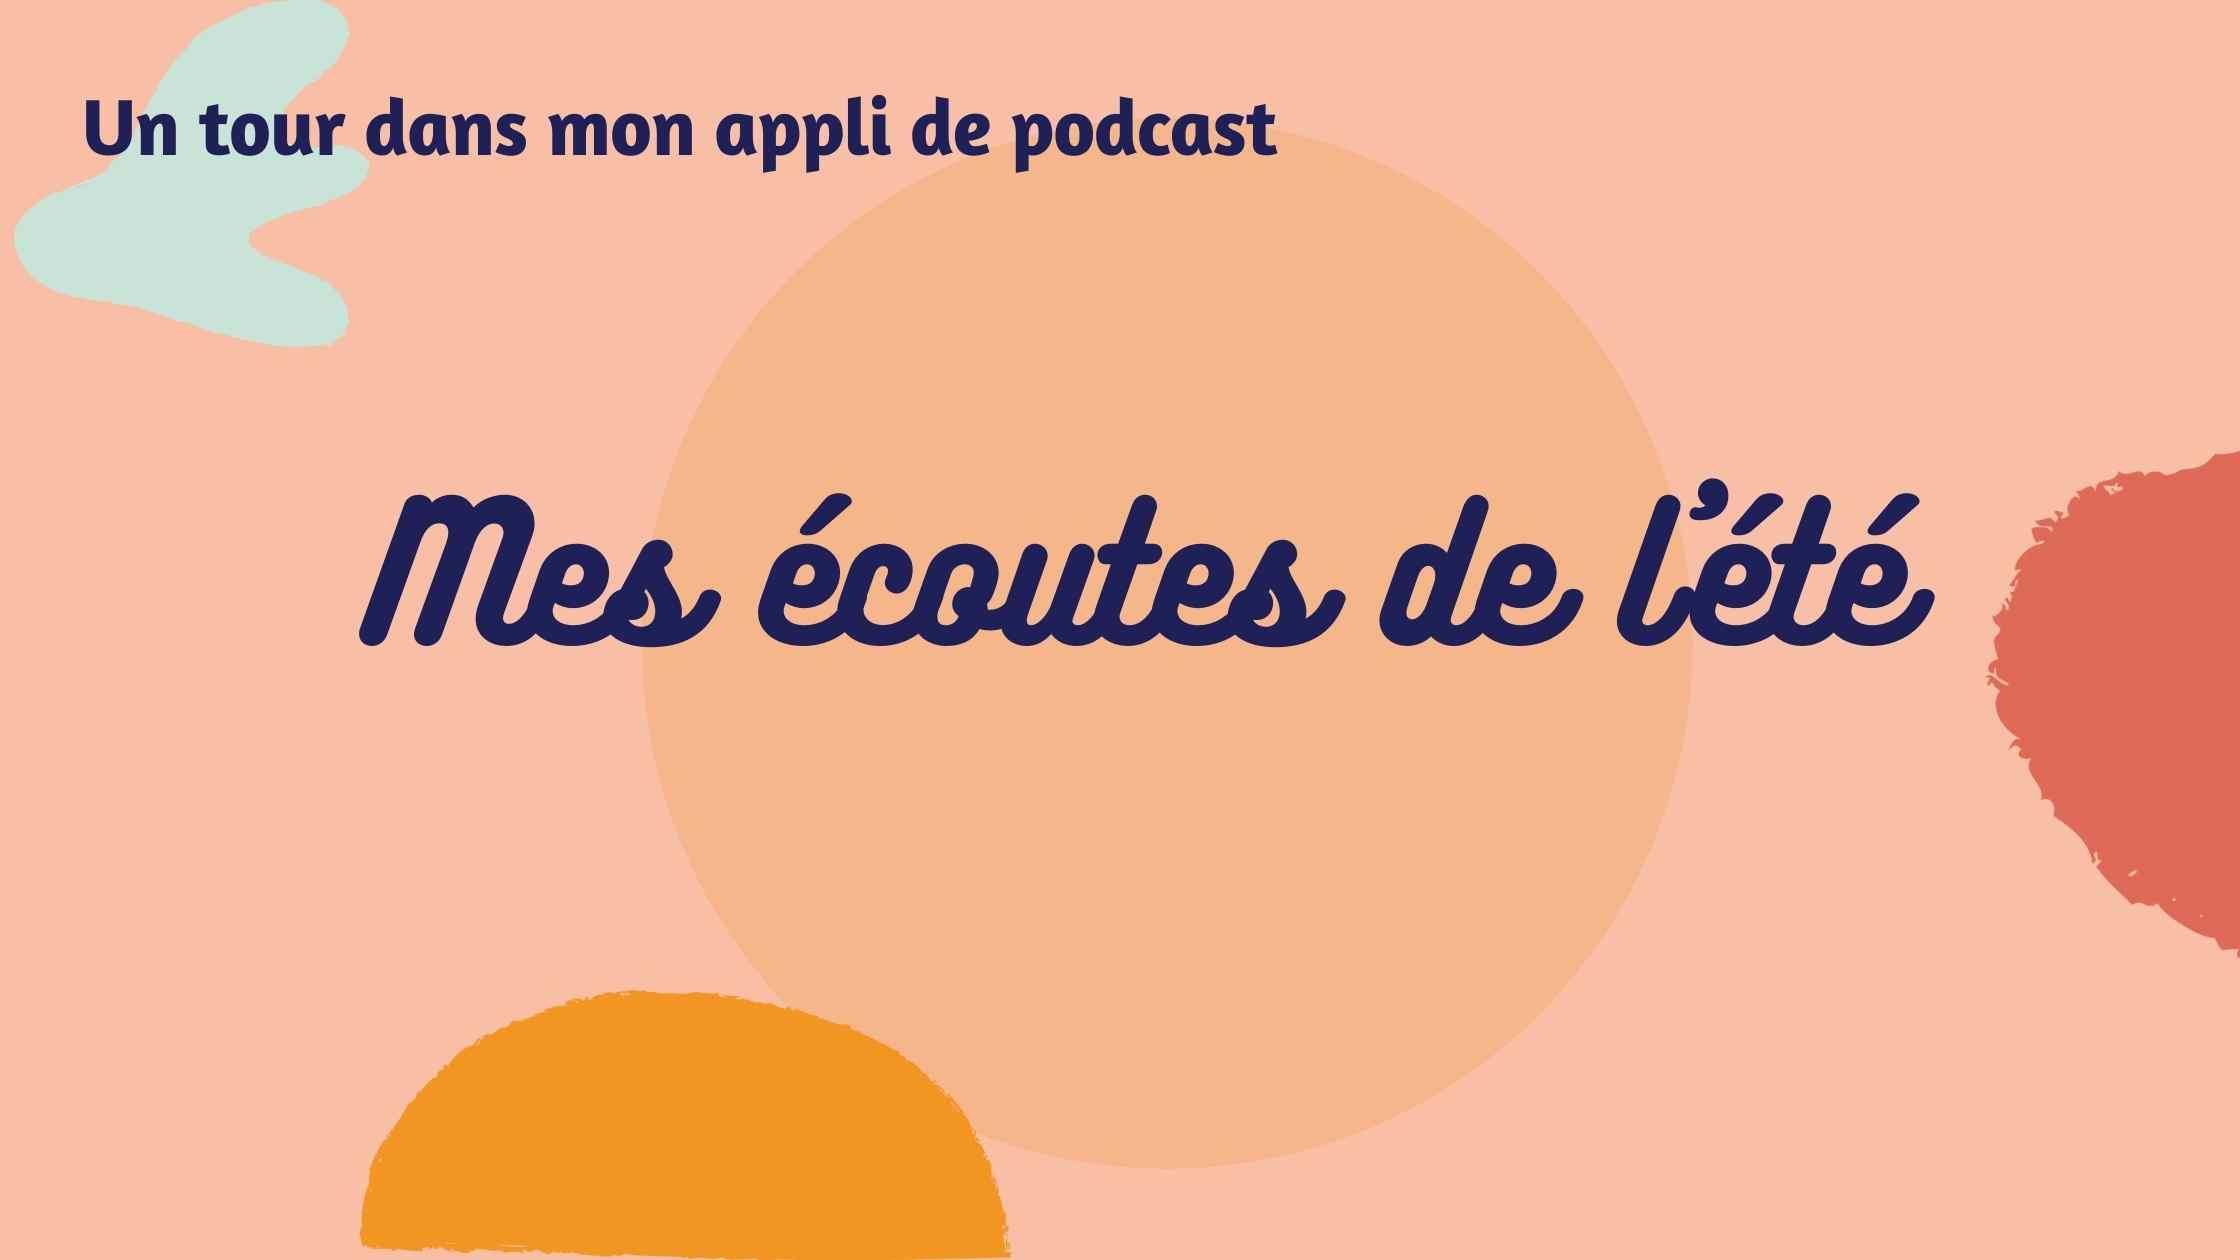 ecoute podcast de l'été maman bosse